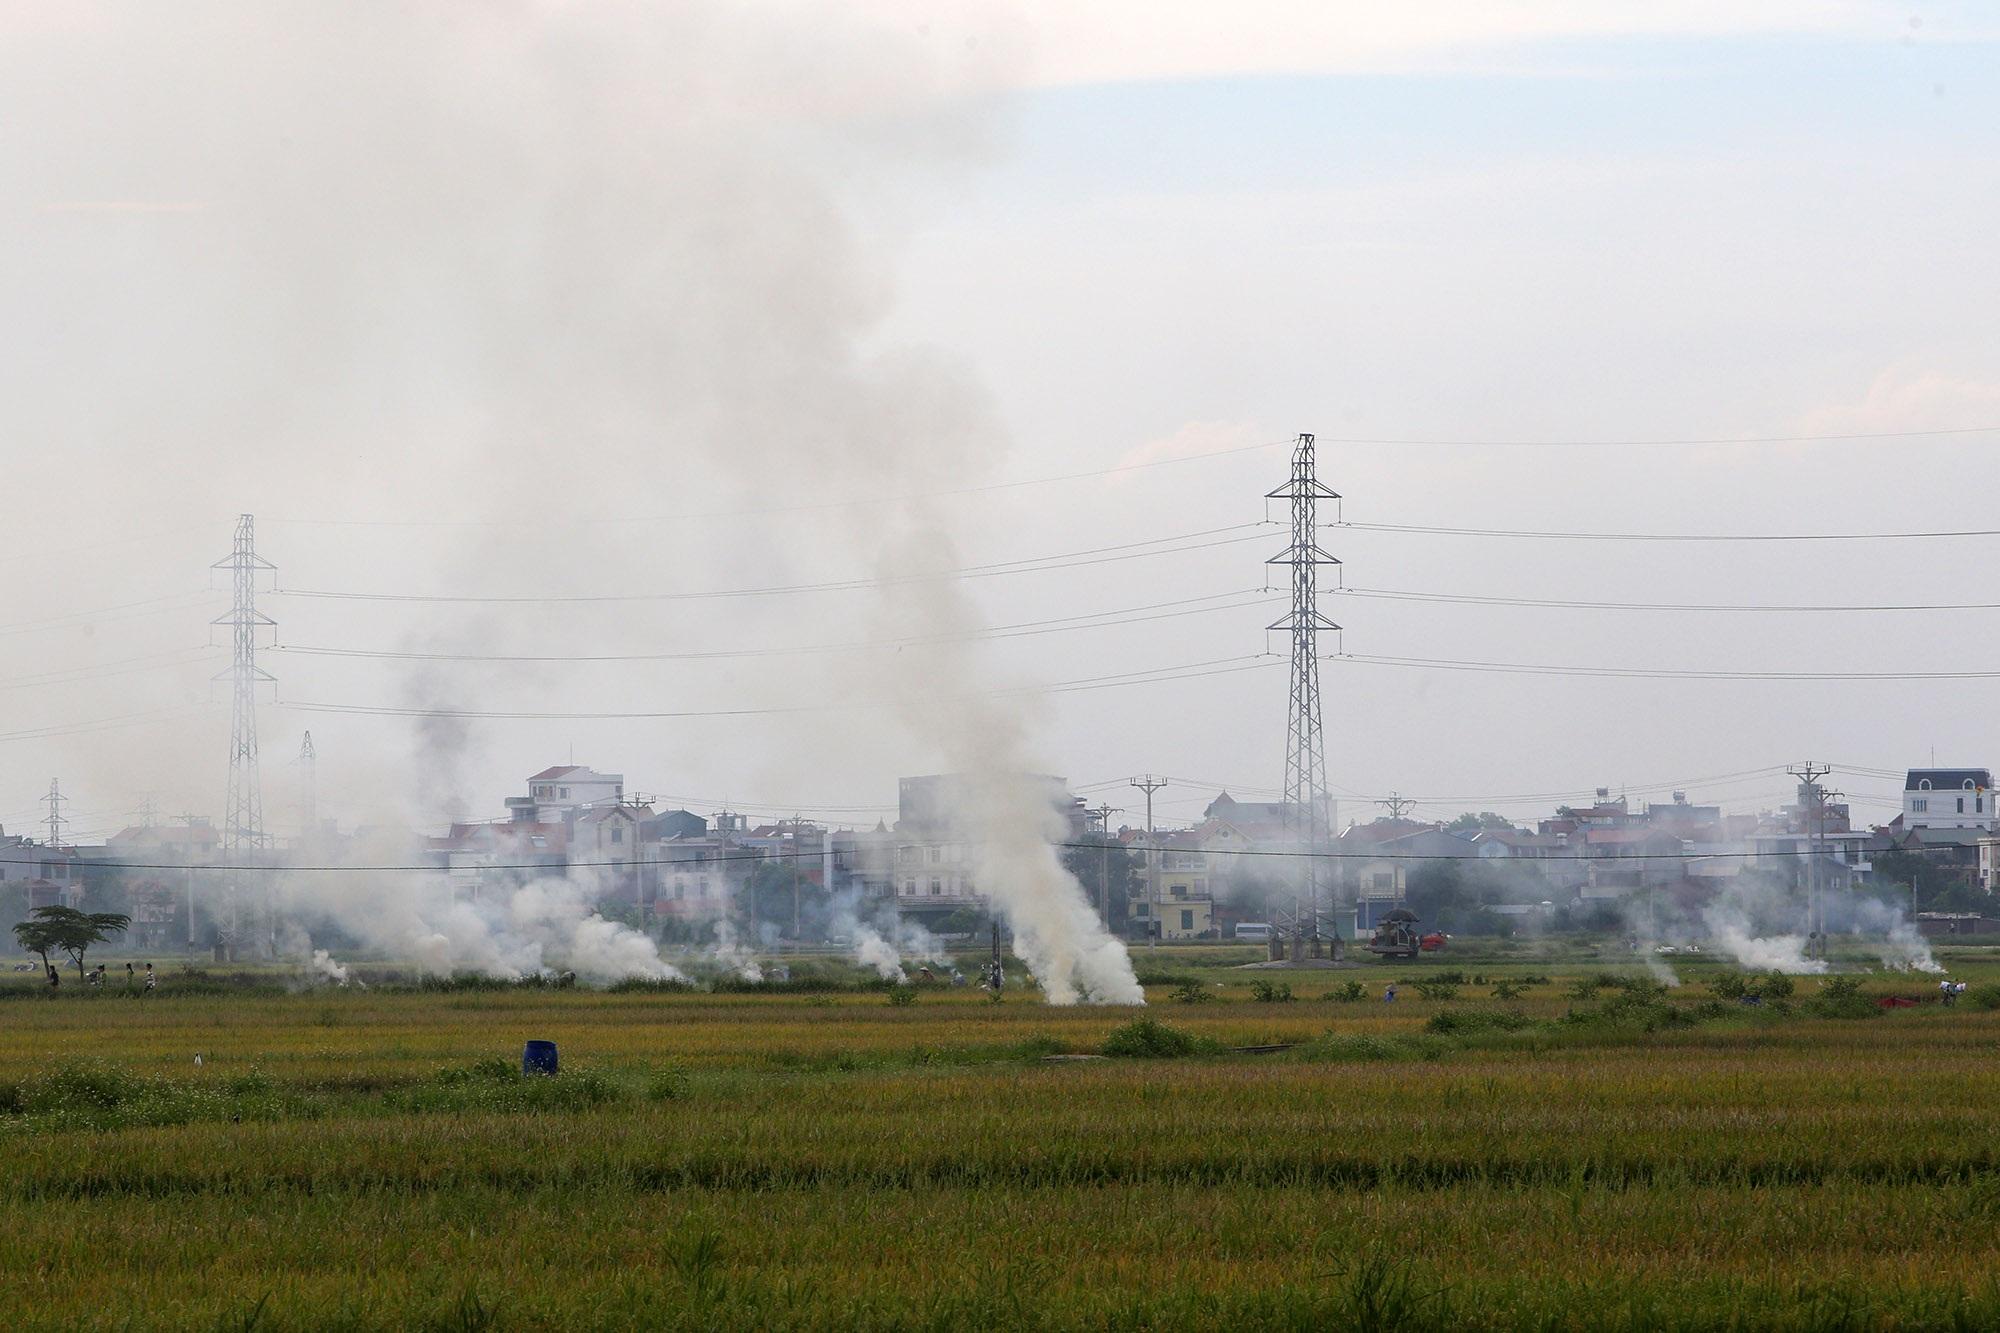 Cảnh khói trắng đặc quánh bao phủ cửa ngõ Hà Nội - 2